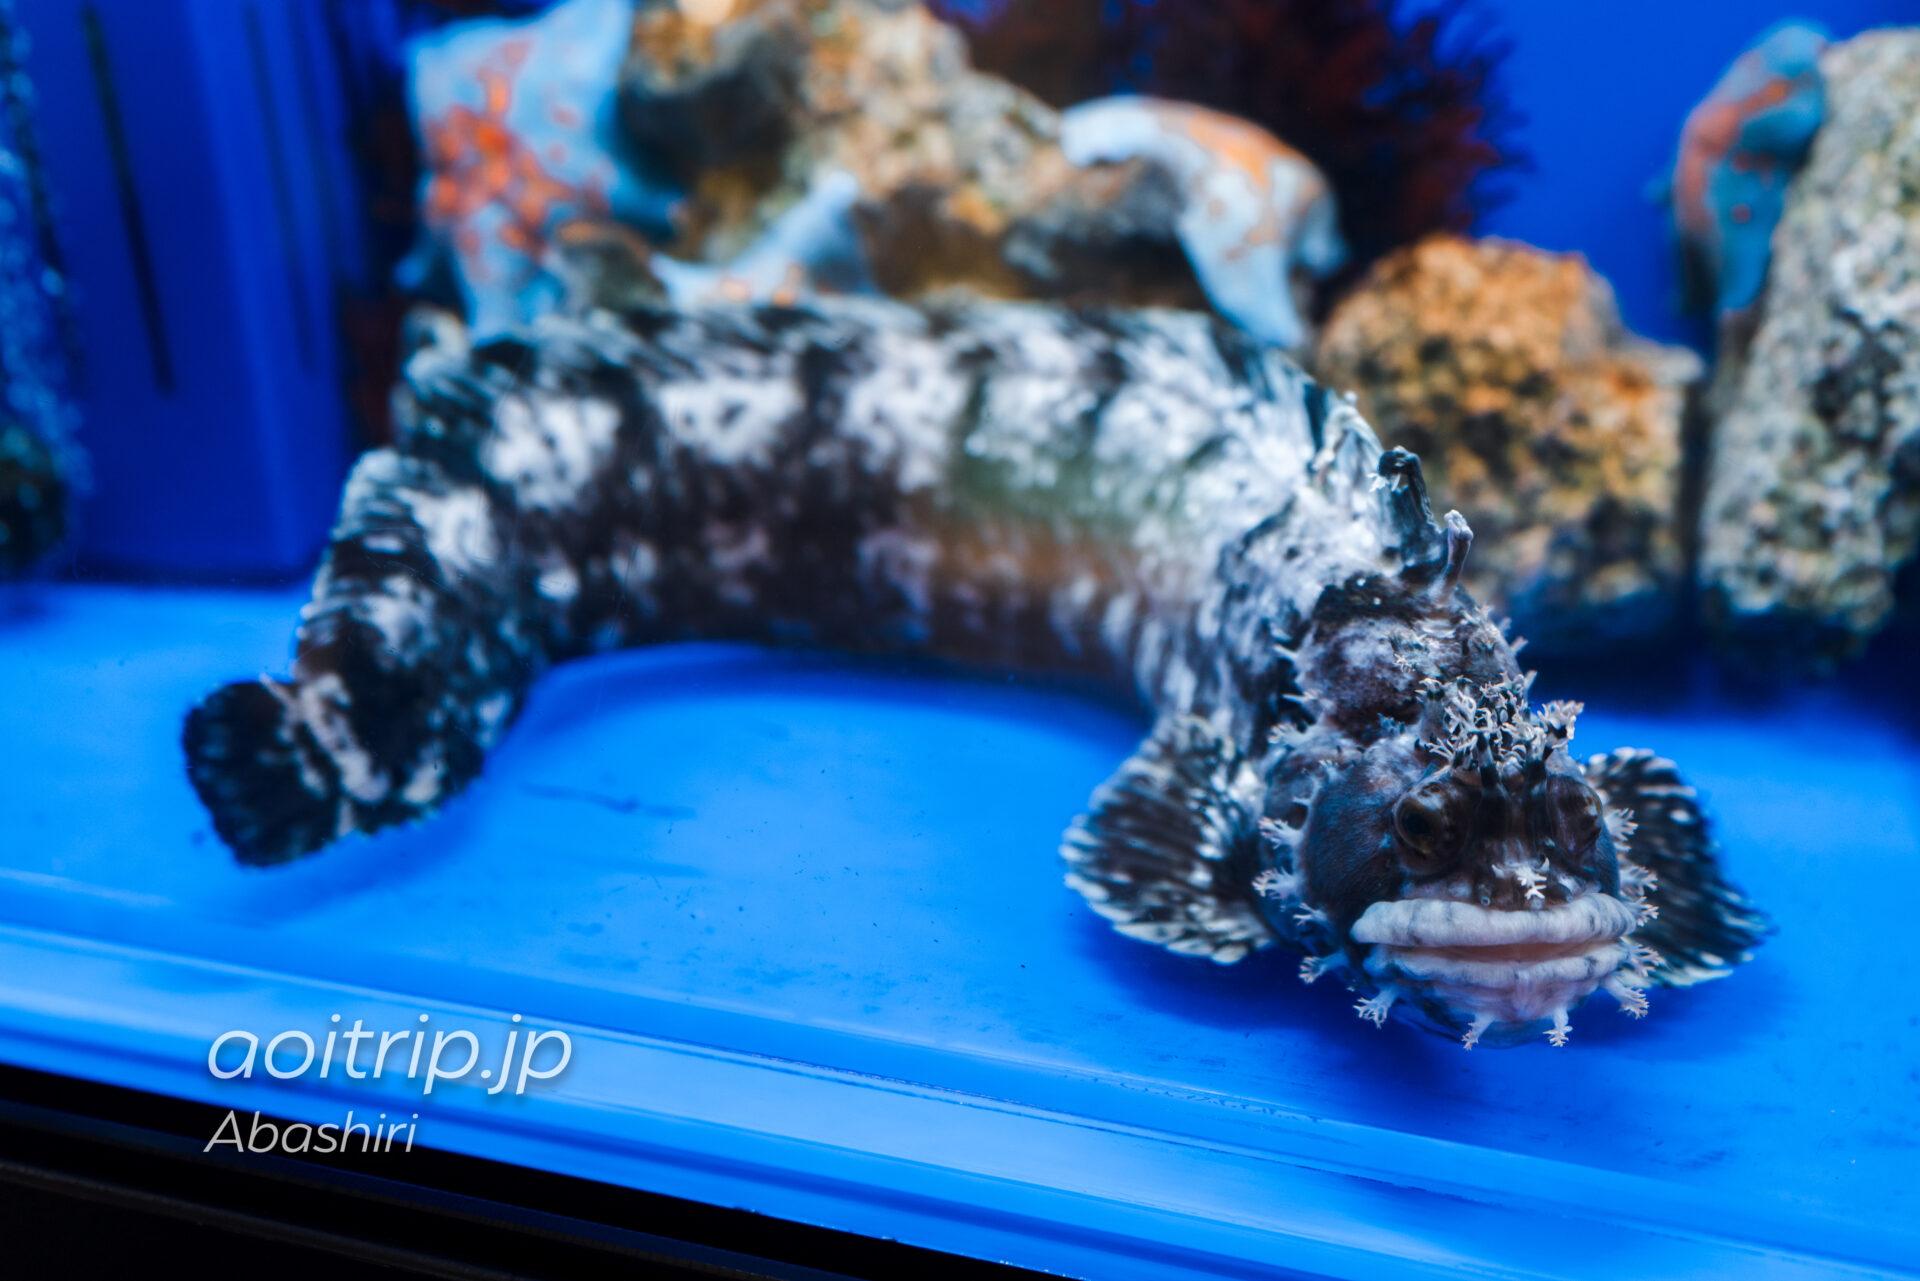 網走のオホーツク流氷館 Okhotsk Ryu-hyo Museum 流氷の海の生きもの Fish Tank with Life フサギンポ